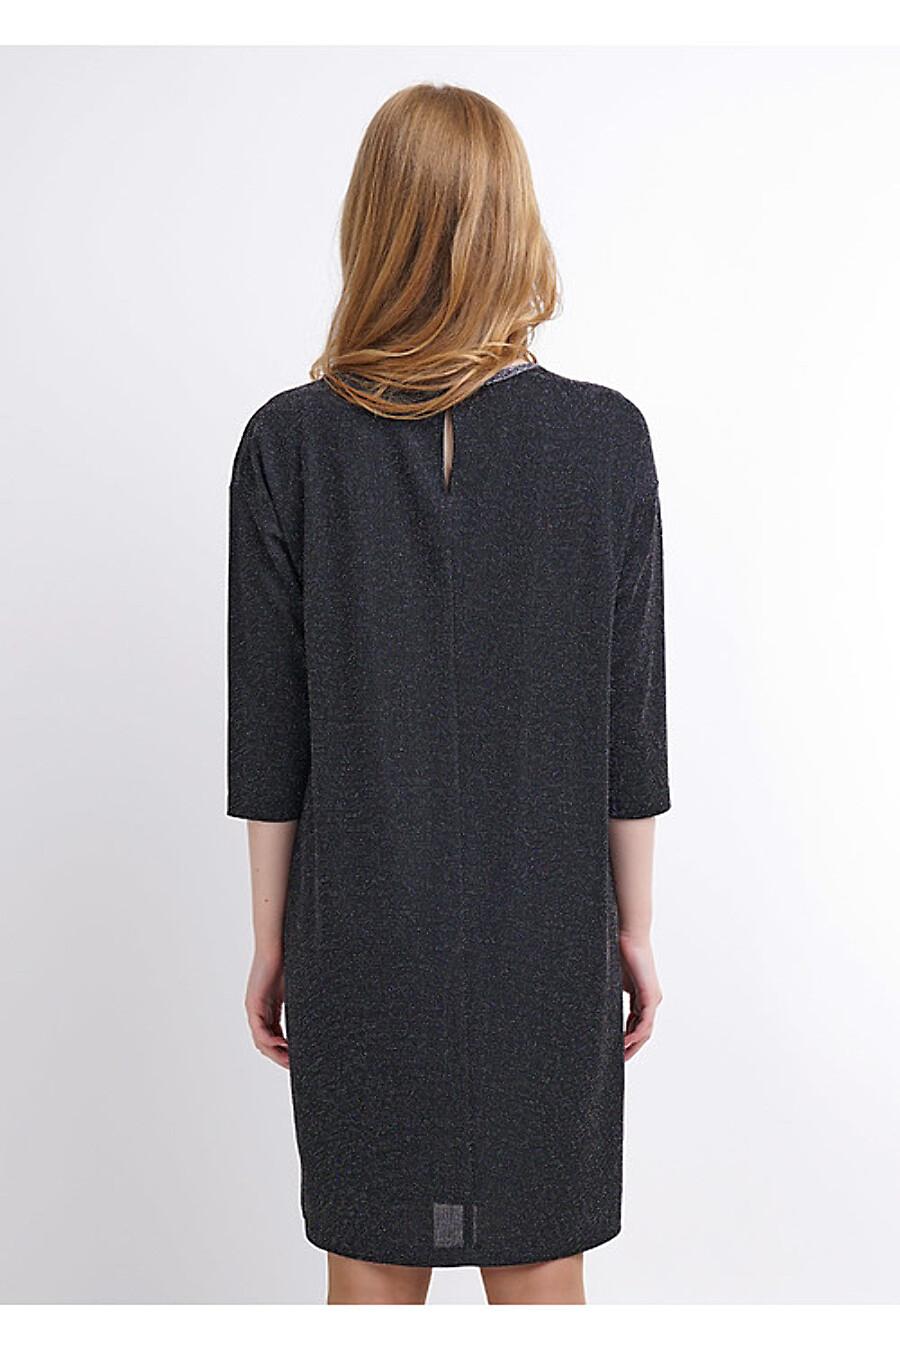 Платье для женщин CLEVER 158805 купить оптом от производителя. Совместная покупка женской одежды в OptMoyo